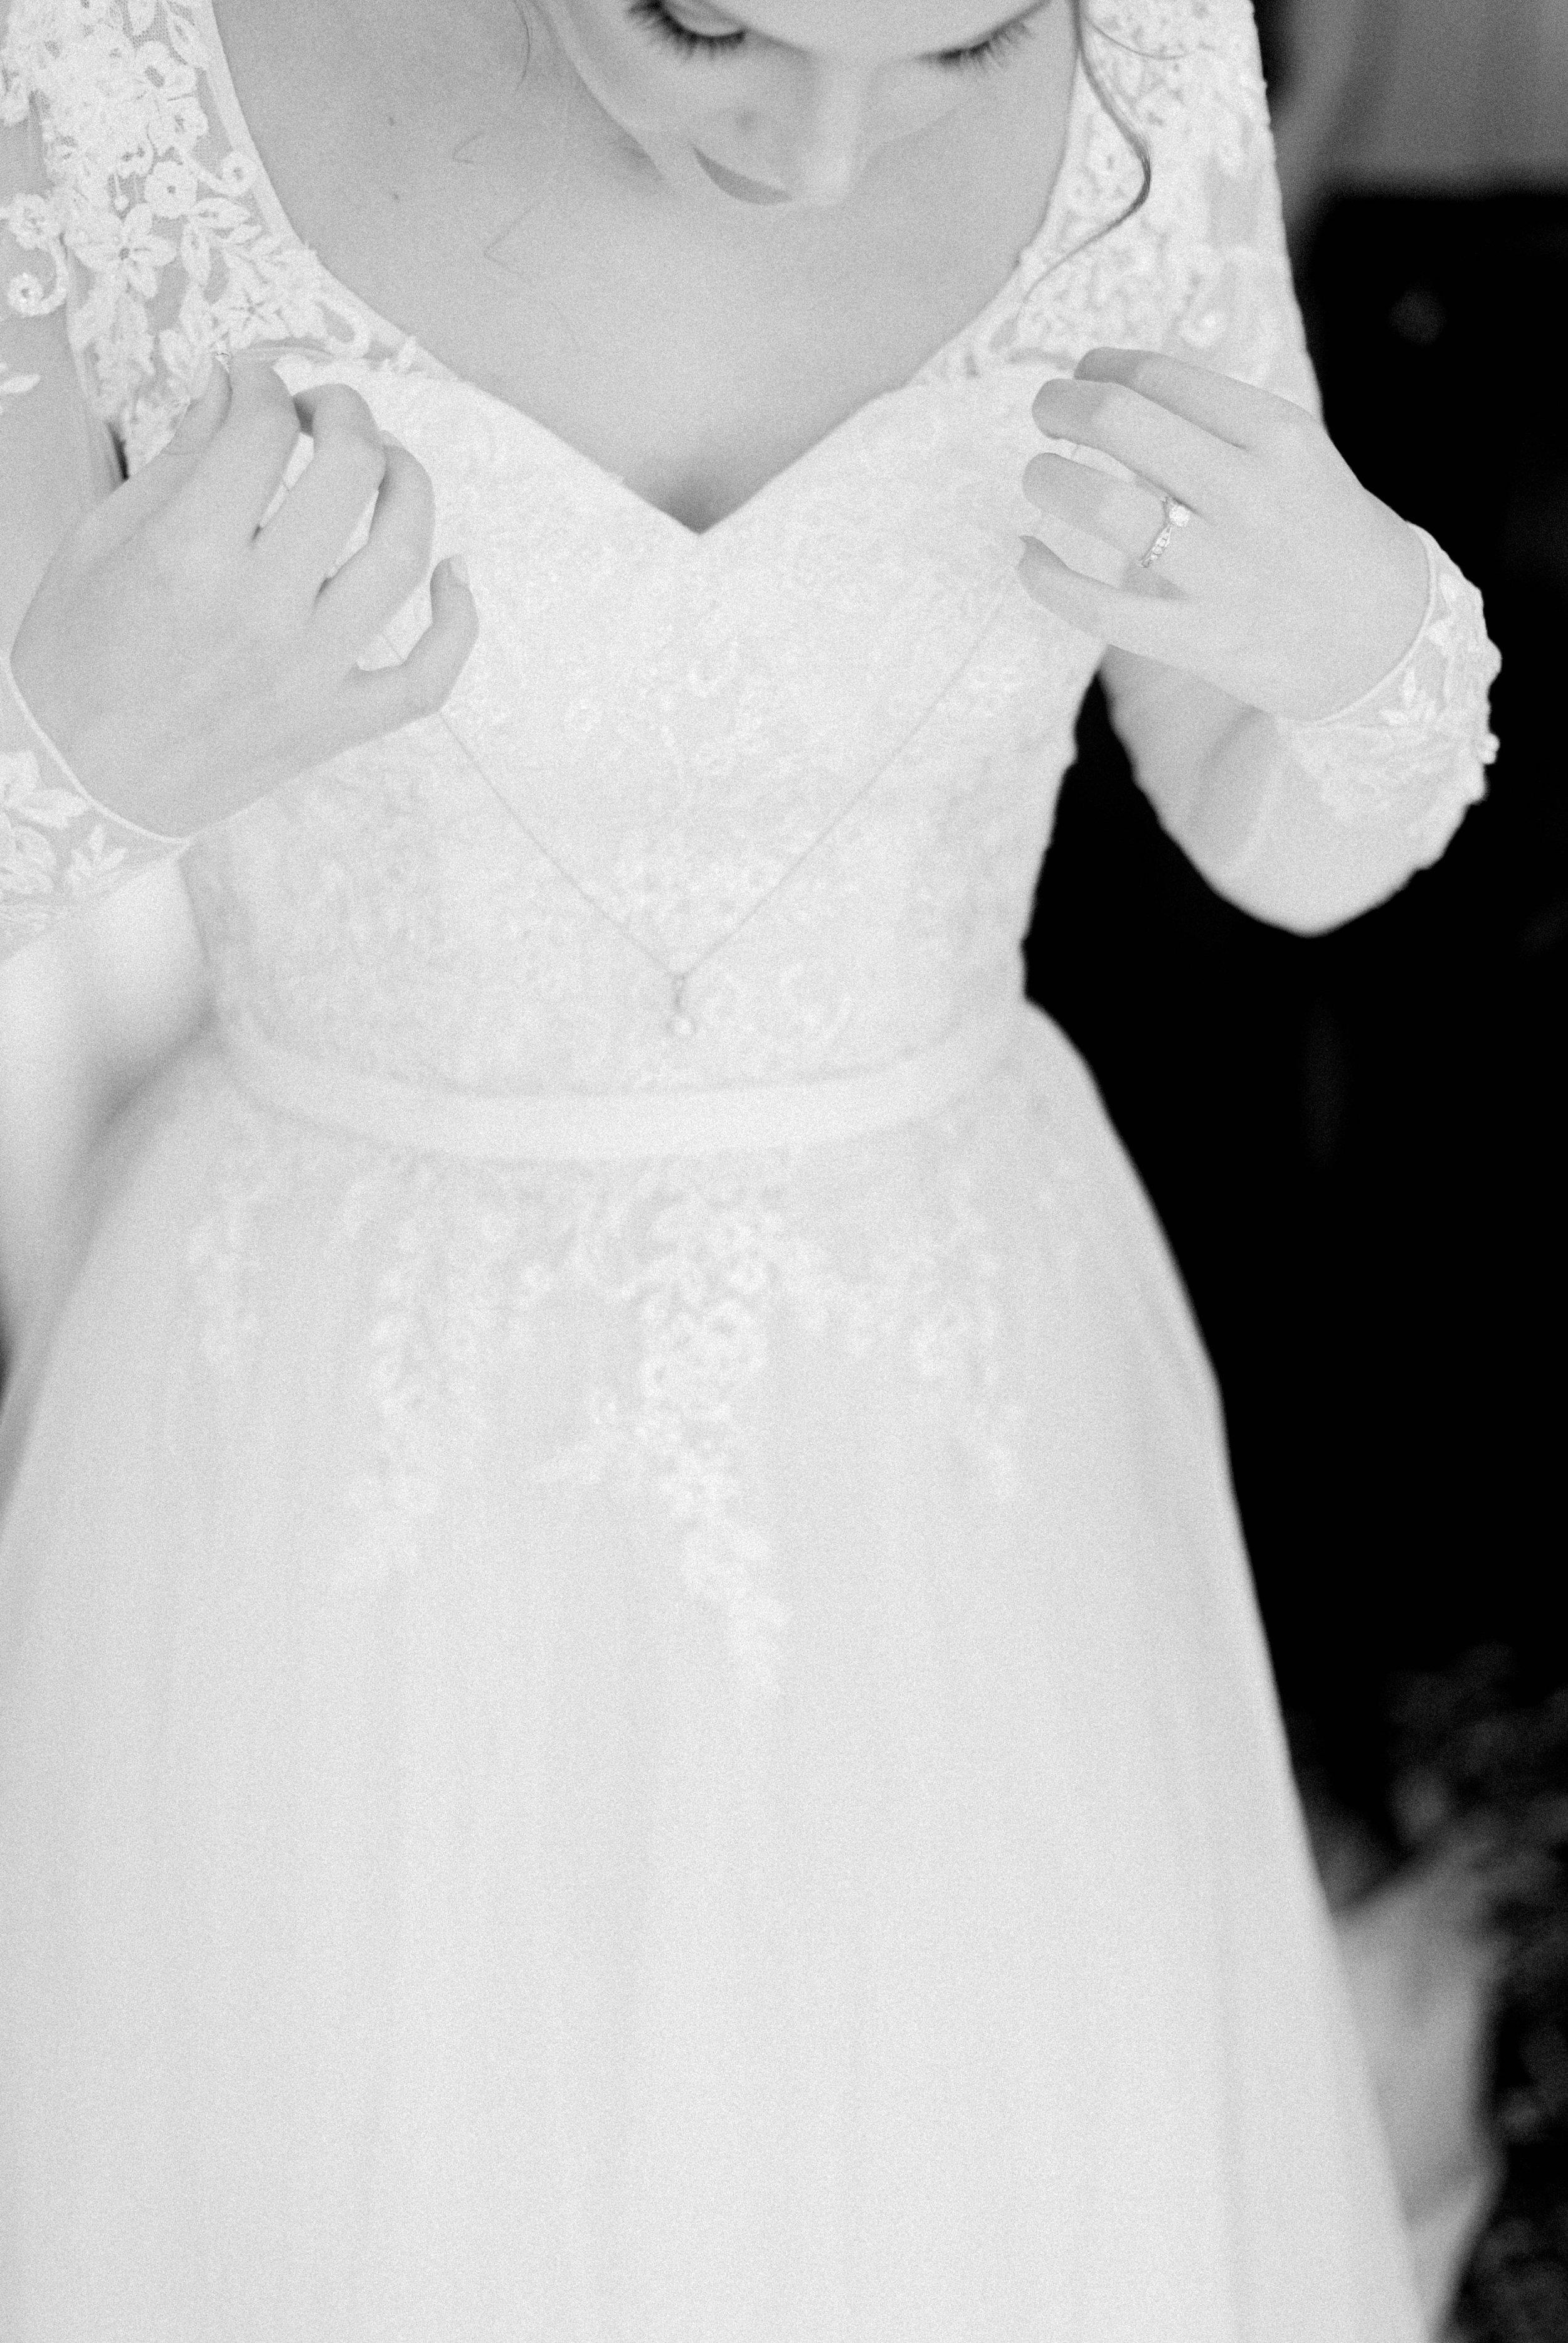 GrantElizabeth_wineryatbullrun_DCwedding_Virginiaweddingphotographer 11.jpg